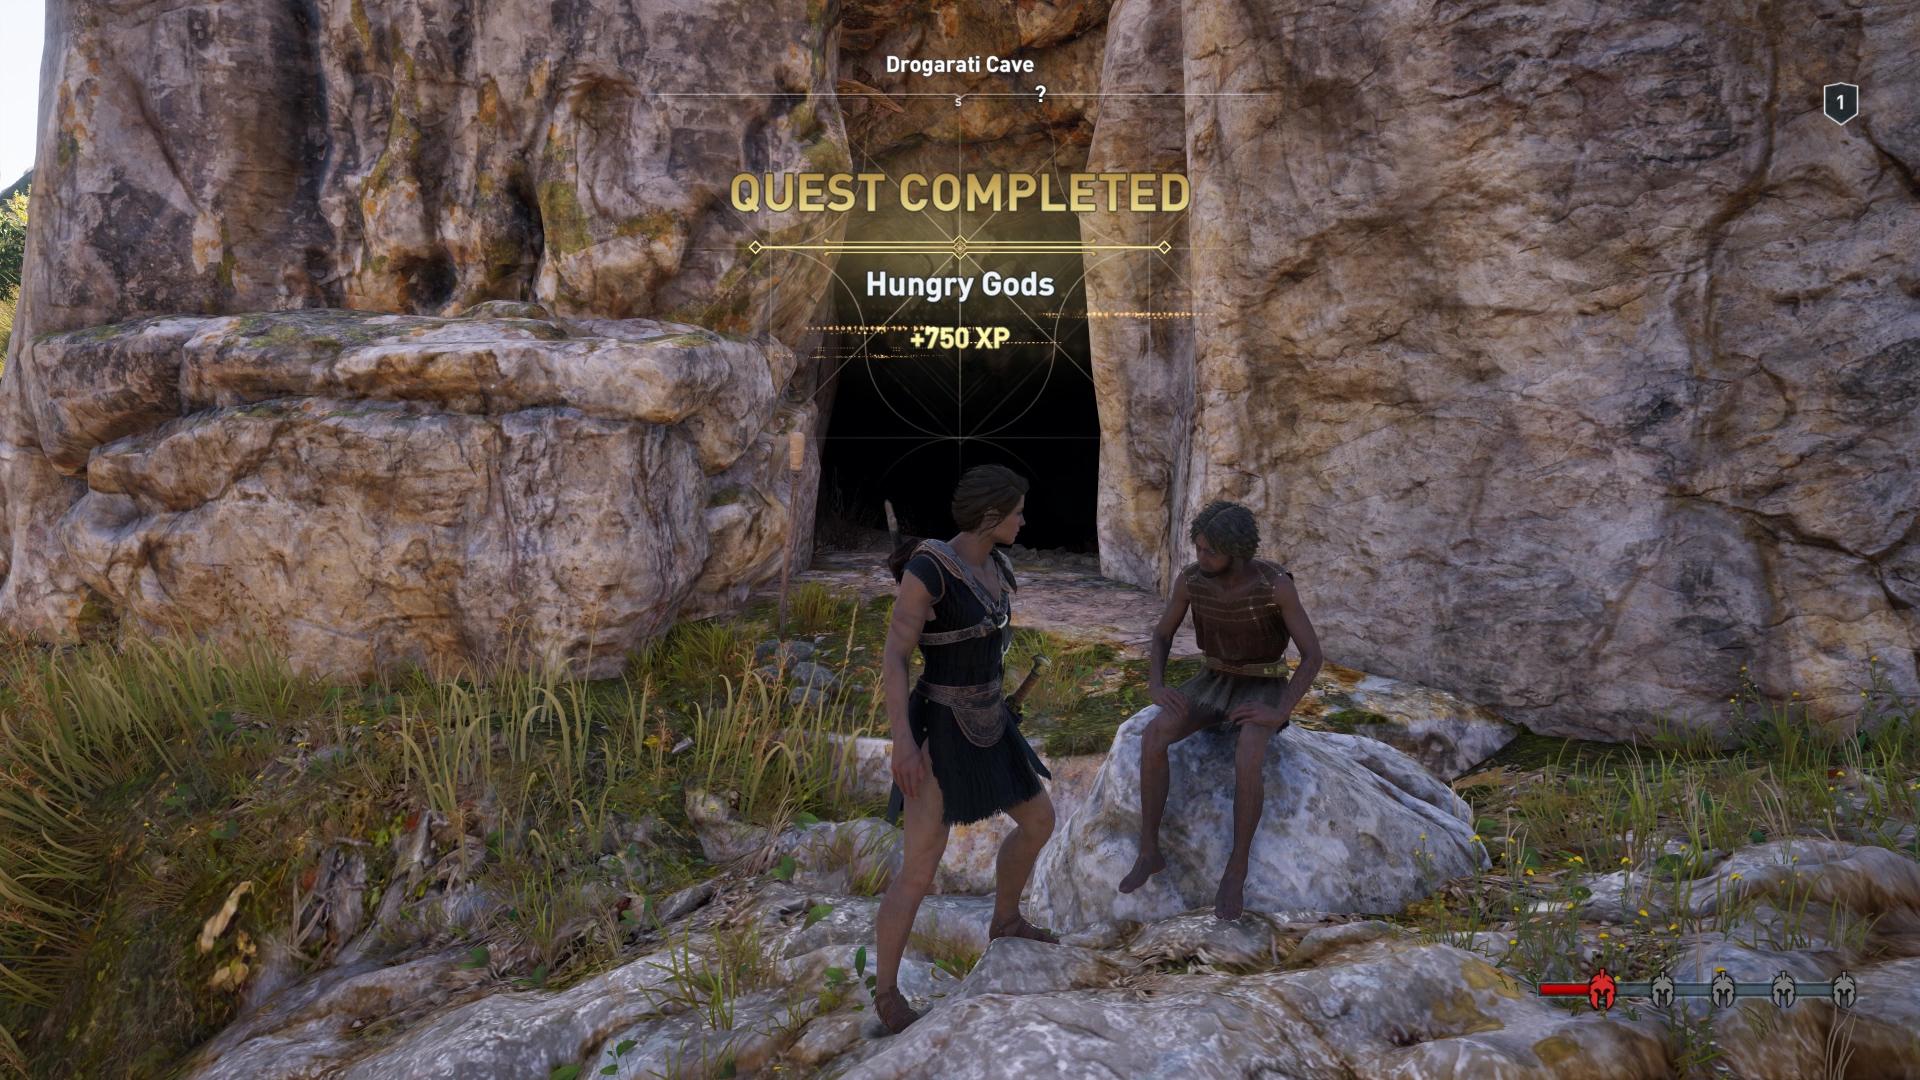 Assassin's Creed  Odyssey 2018.11.27 - 19.17.03.01.01_11_18_01.Still035.jpg